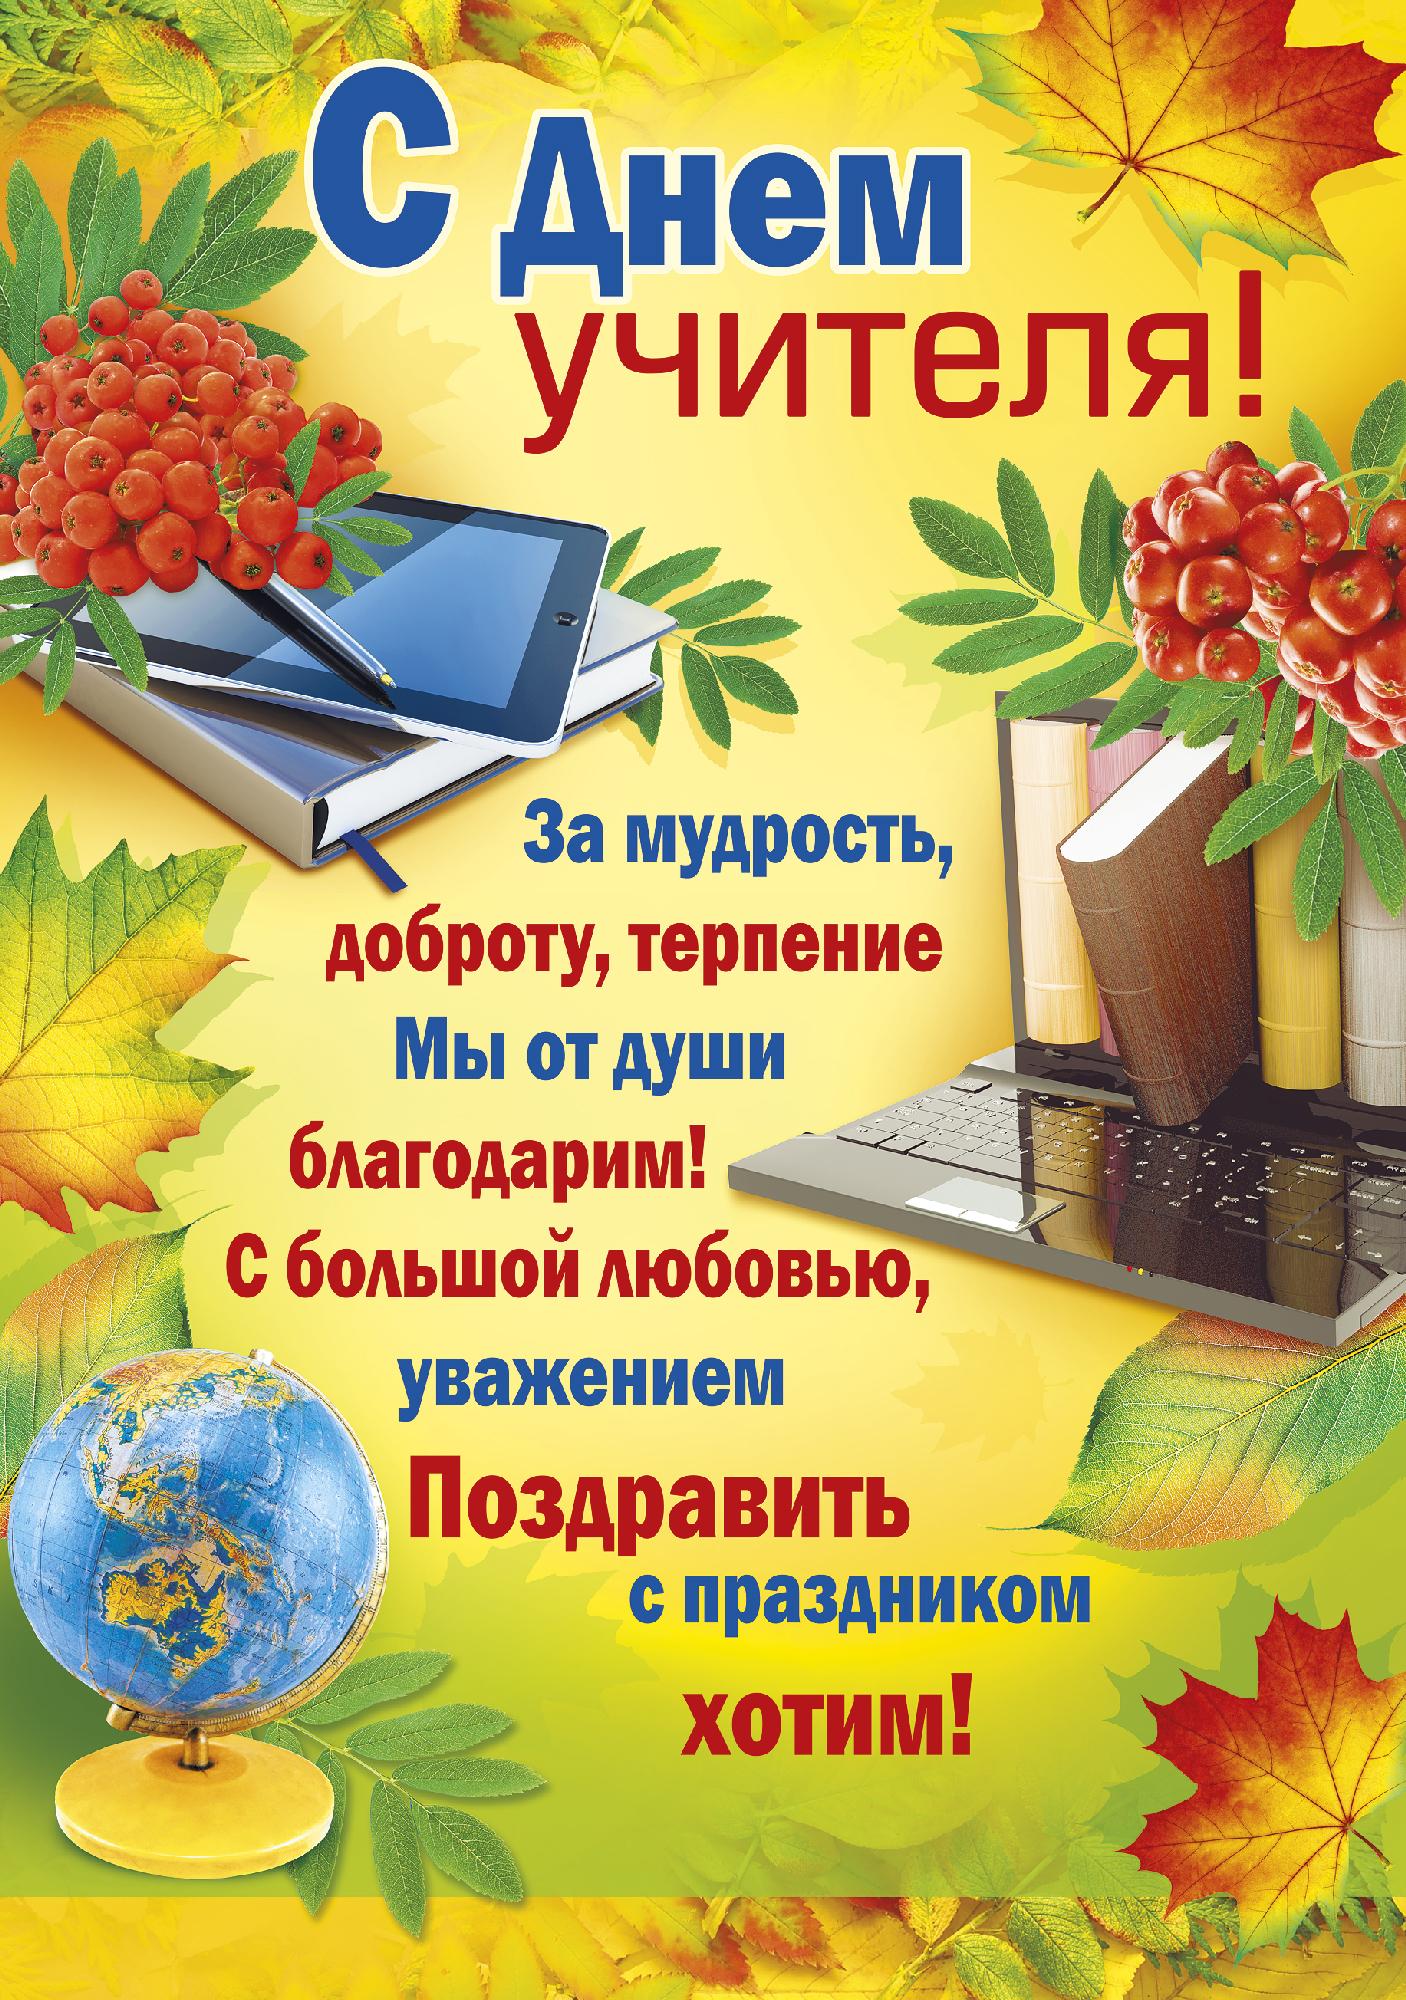 Поздравления учителя к дню учителя